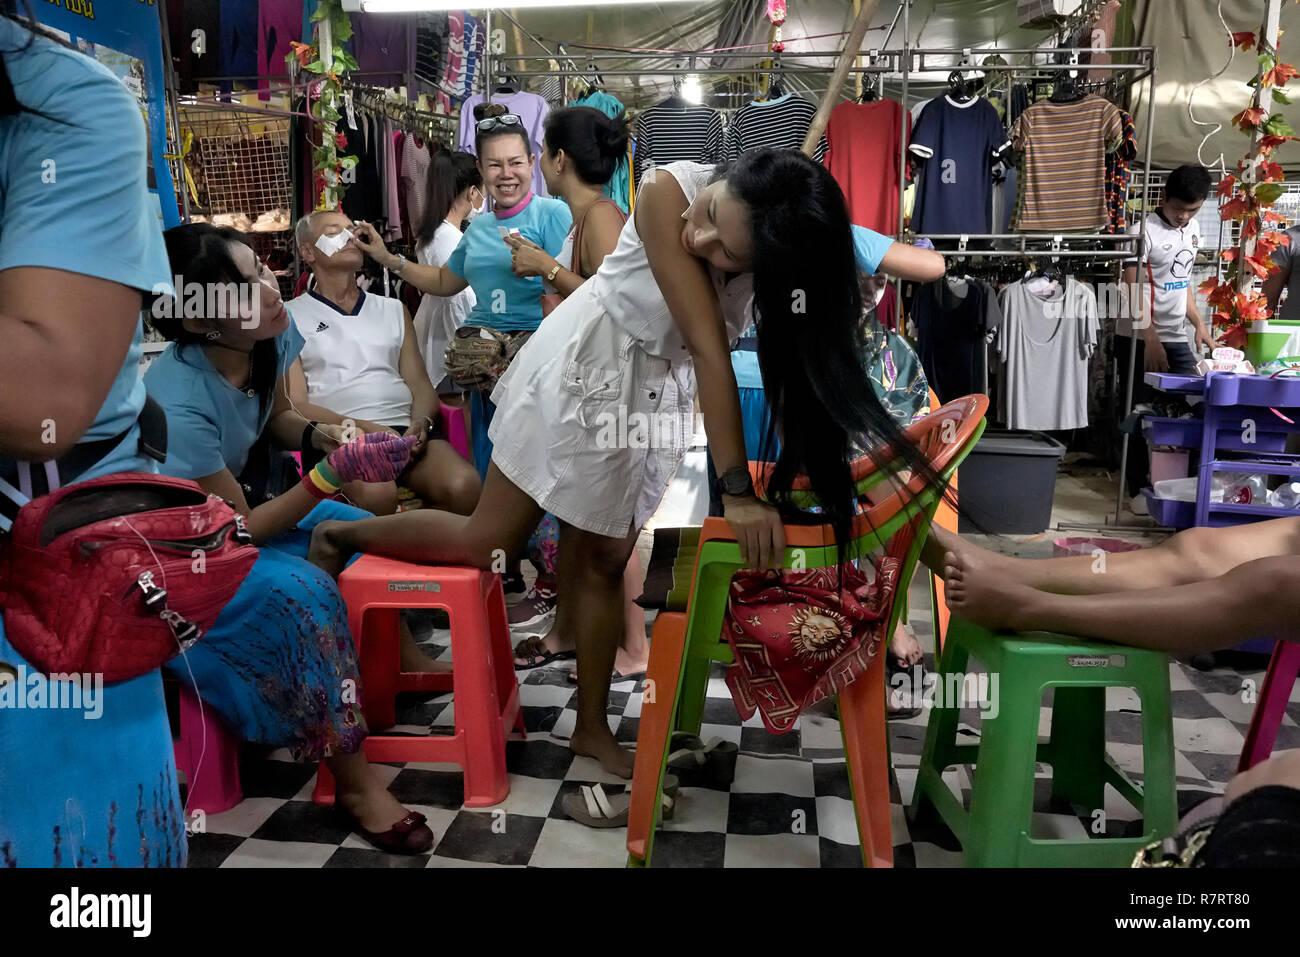 Le nettoyage de la peau. Homme et femme soin de beauté salon de coiffure. Fil de coton est utilisé pour gratter les imperfections de la peau claire. La Thaïlande. S. E. l'Asie Photo Stock